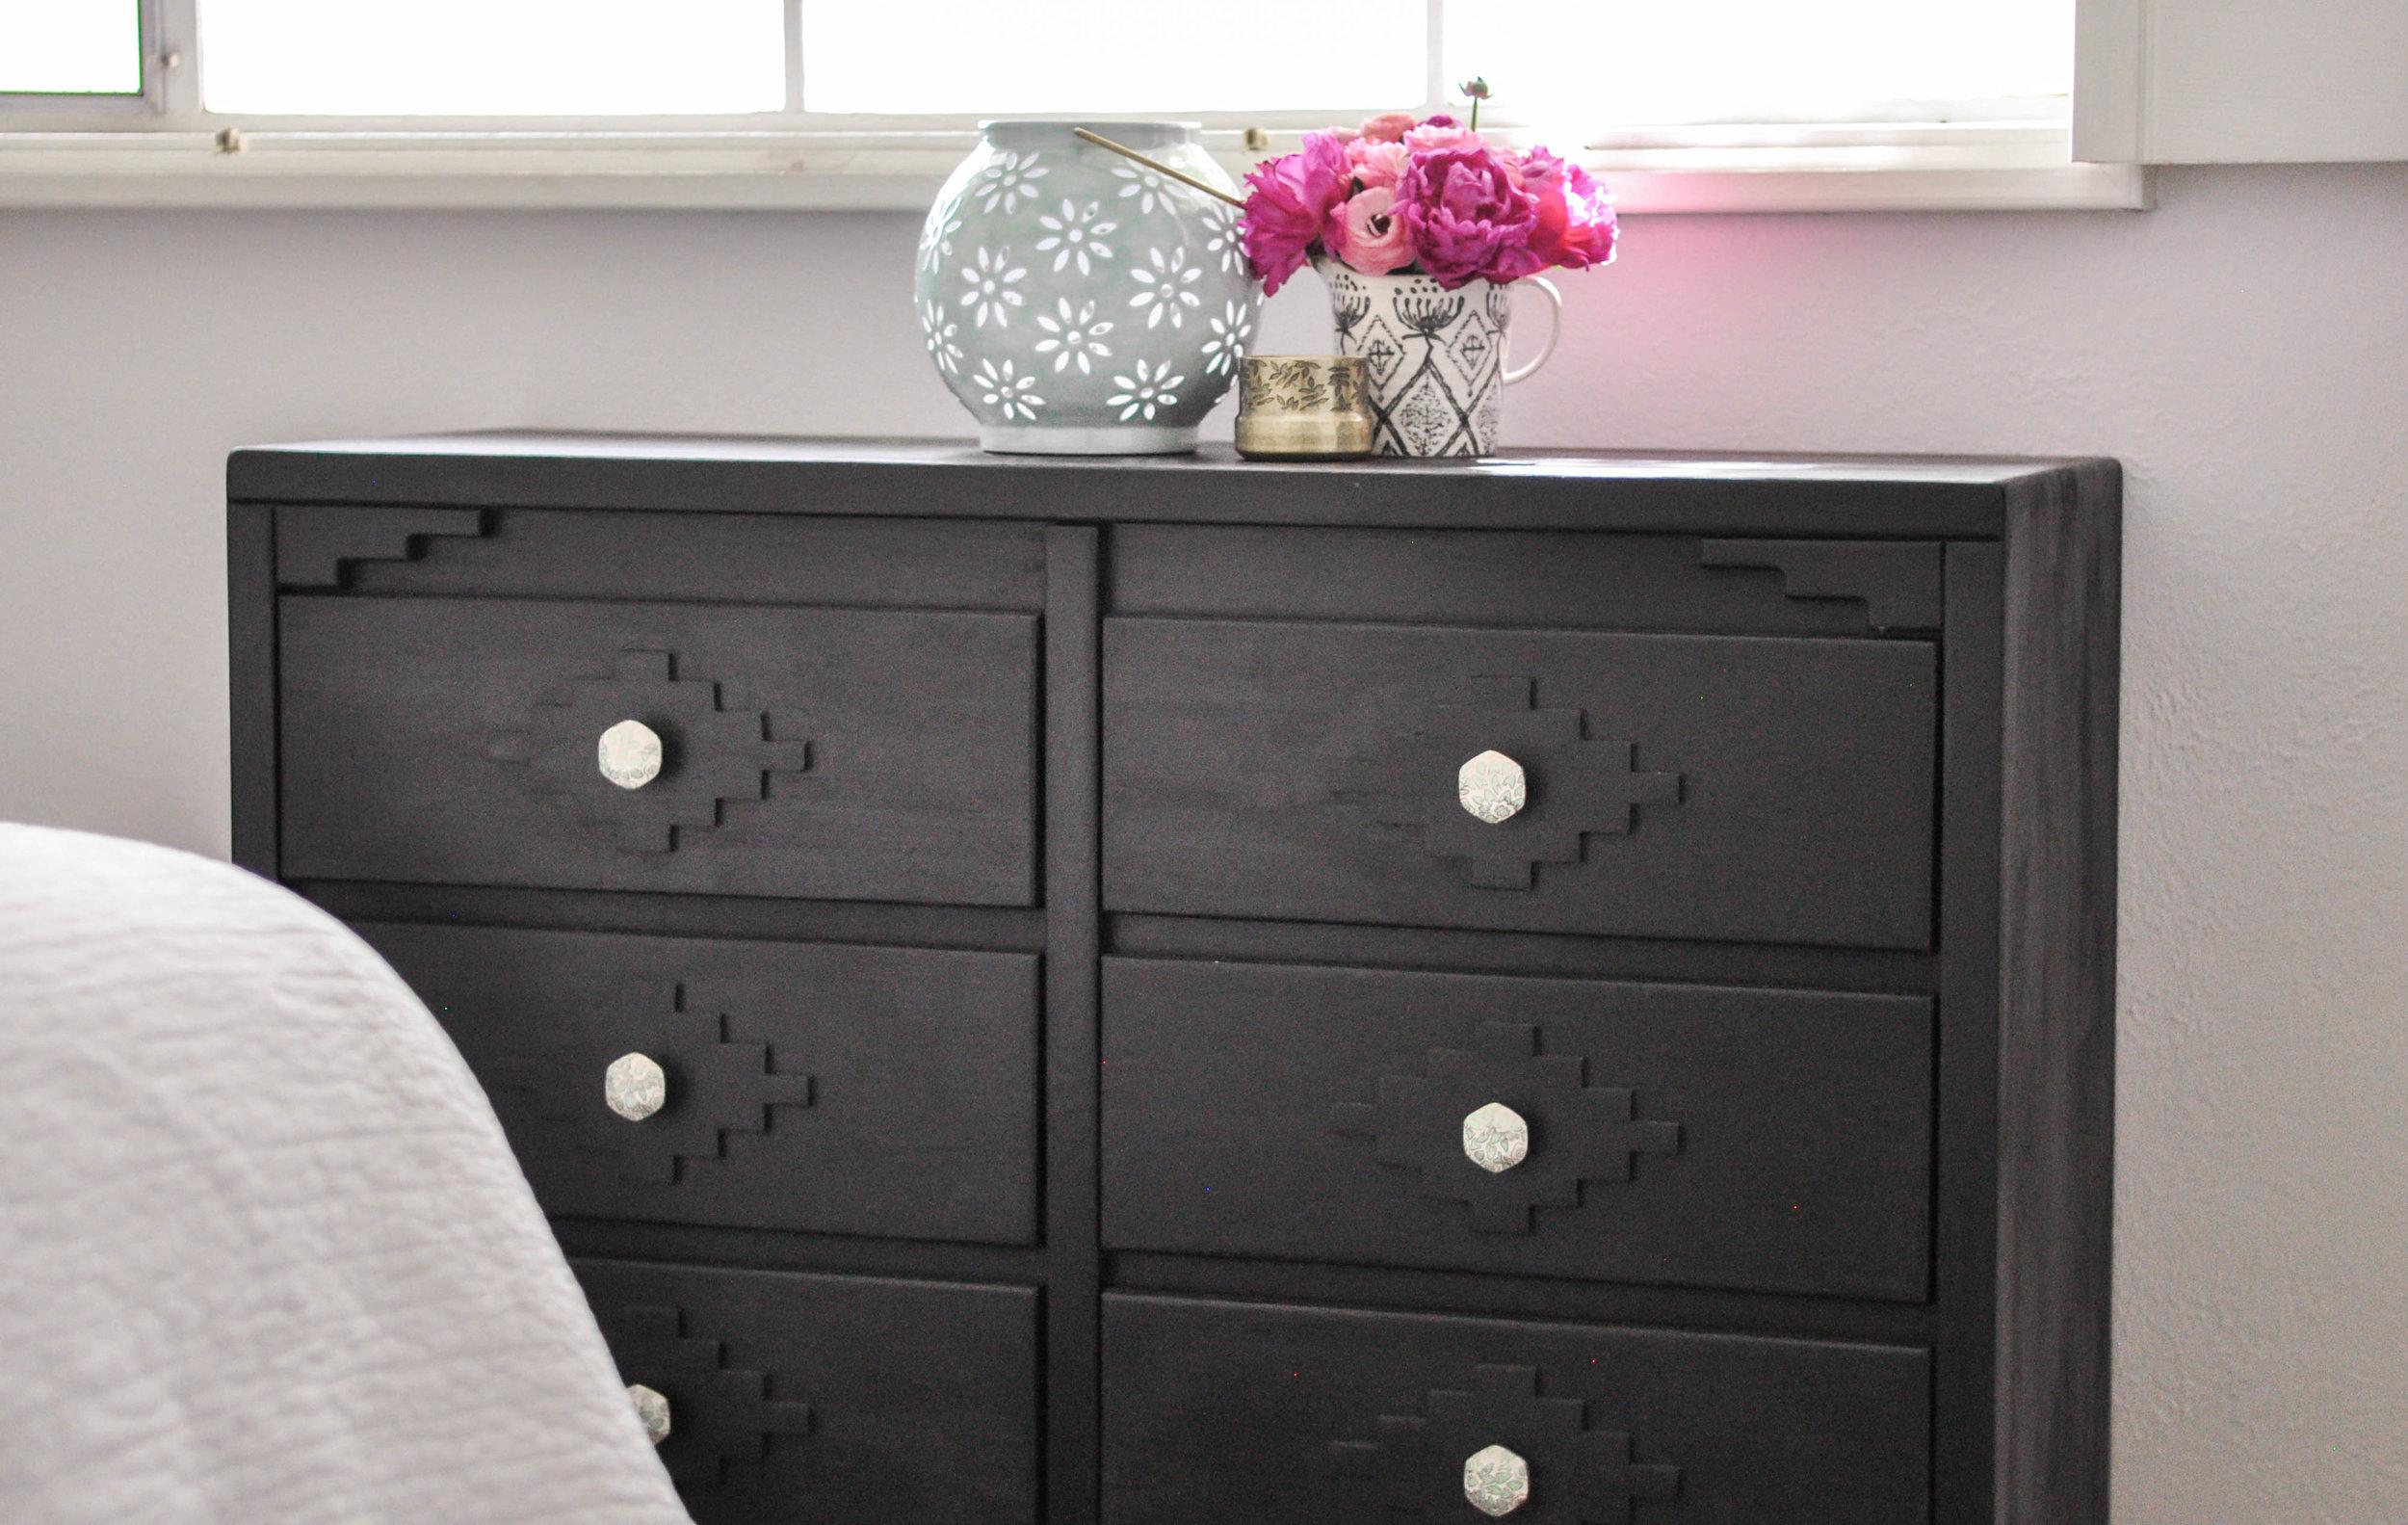 DIY-Painted-Dresser-17.jpg